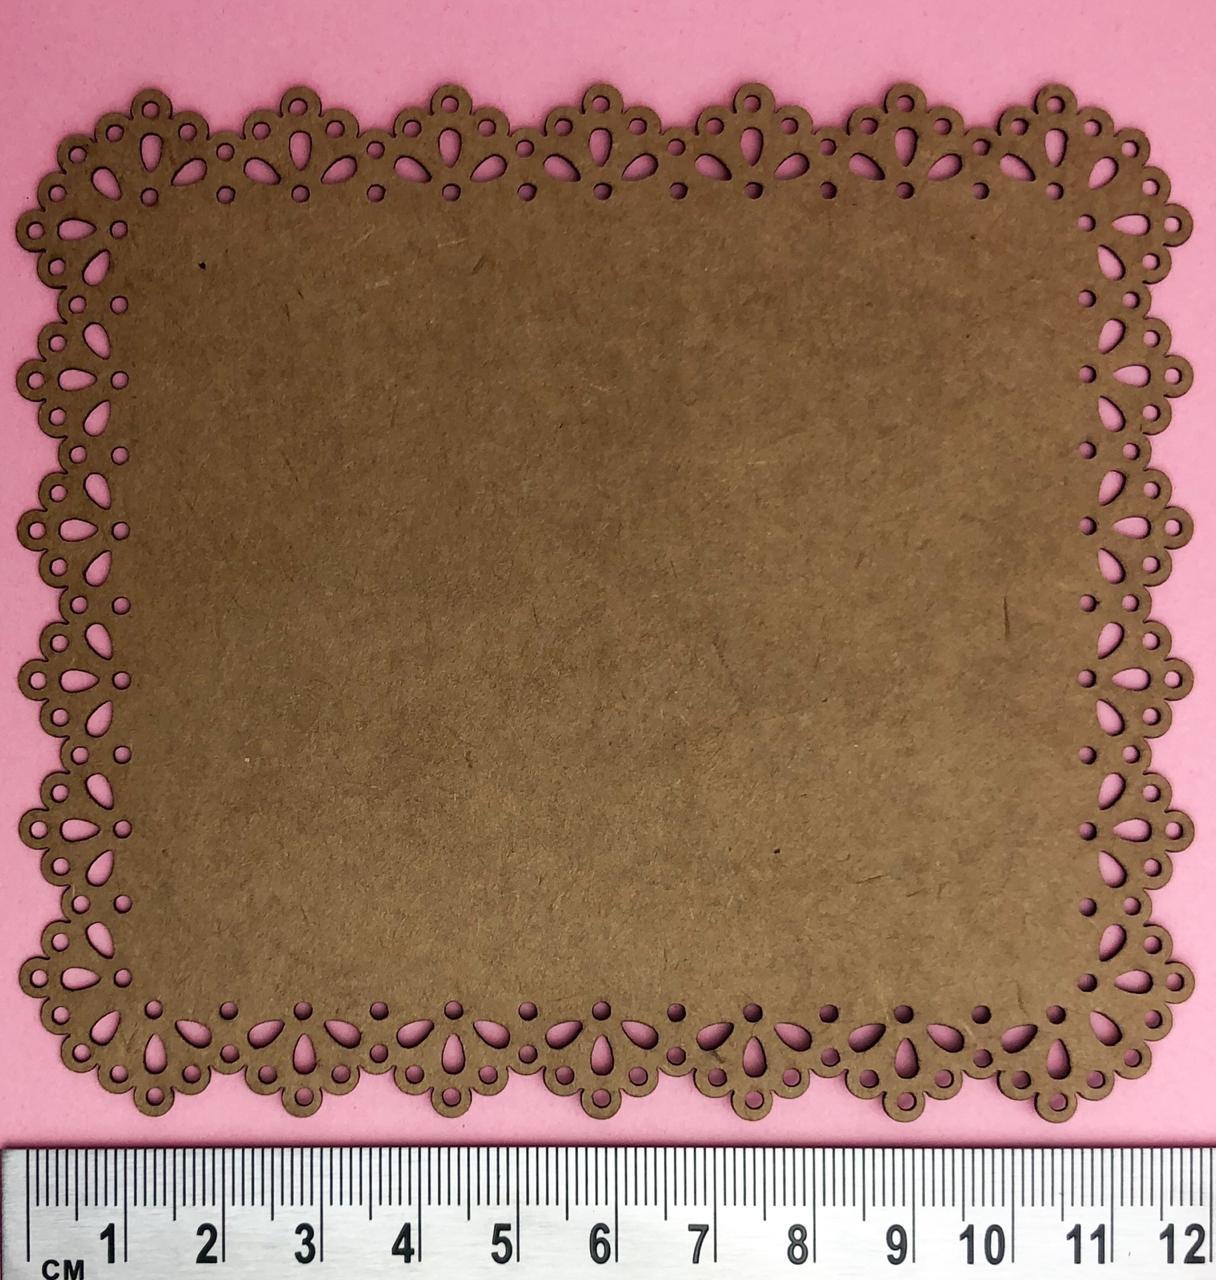 Moldura renda belle - BG Crafts (BG10)